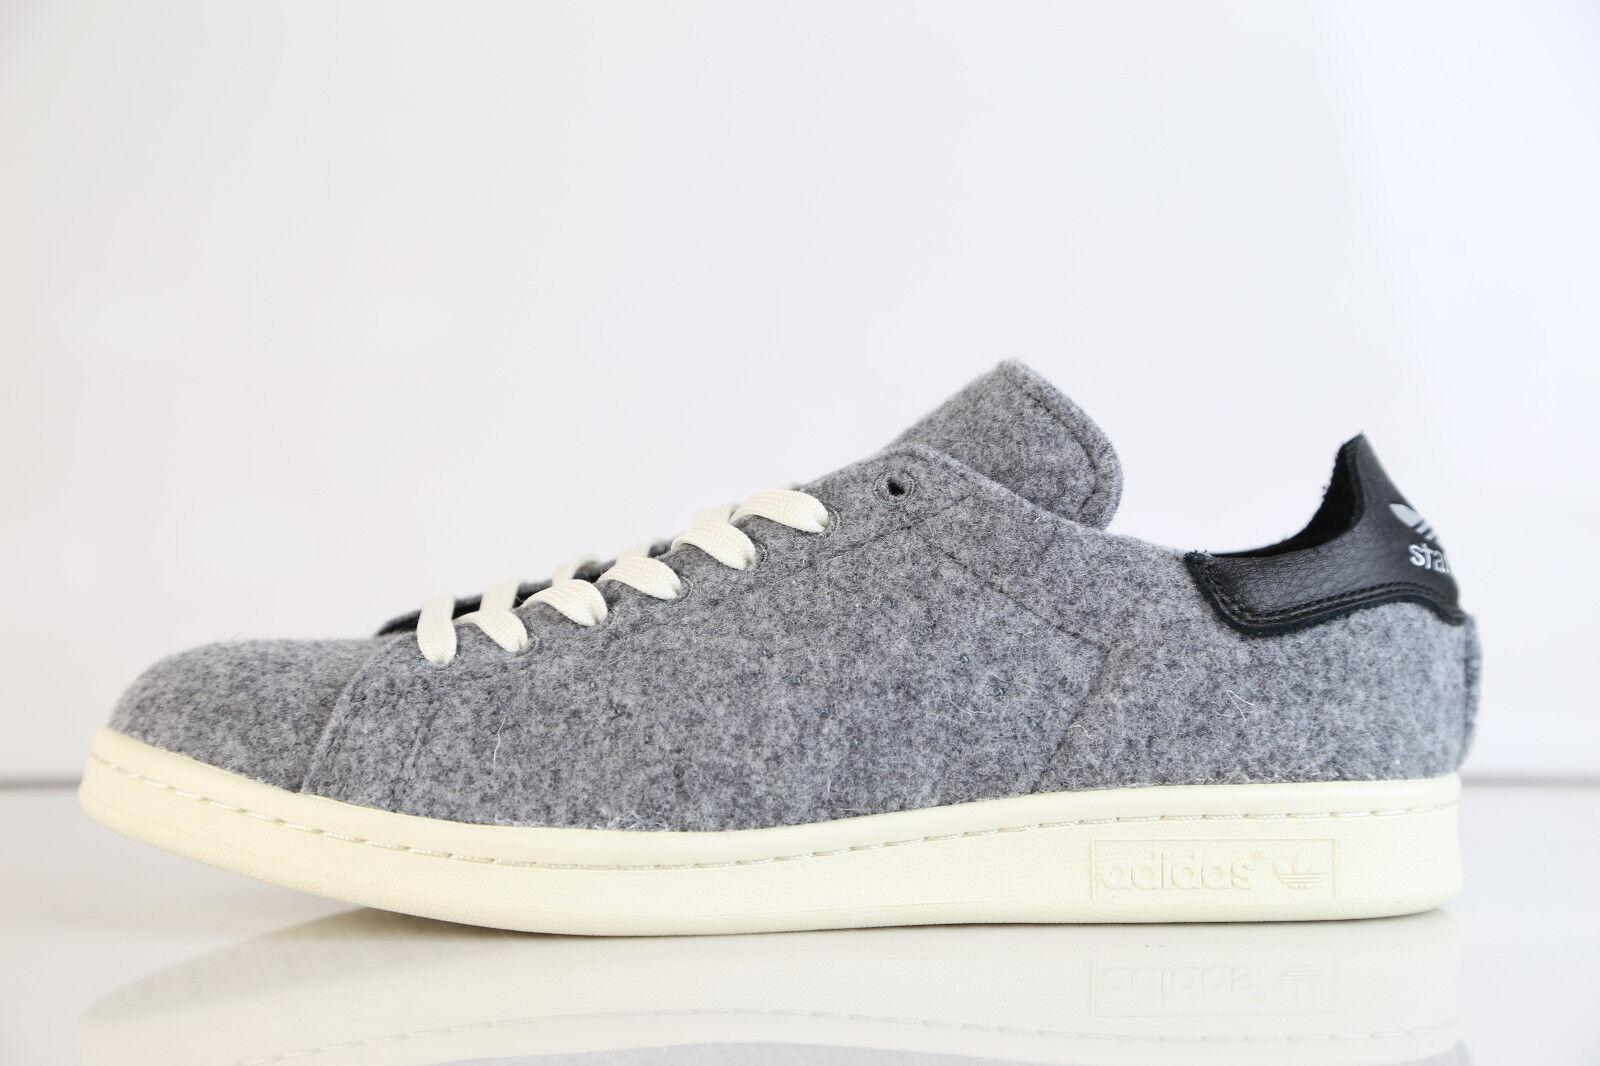 Adidas stan - smith pc wolle grau - stan schwarz aq8452 8 - 13 premium stärken 1 ss 7d500a